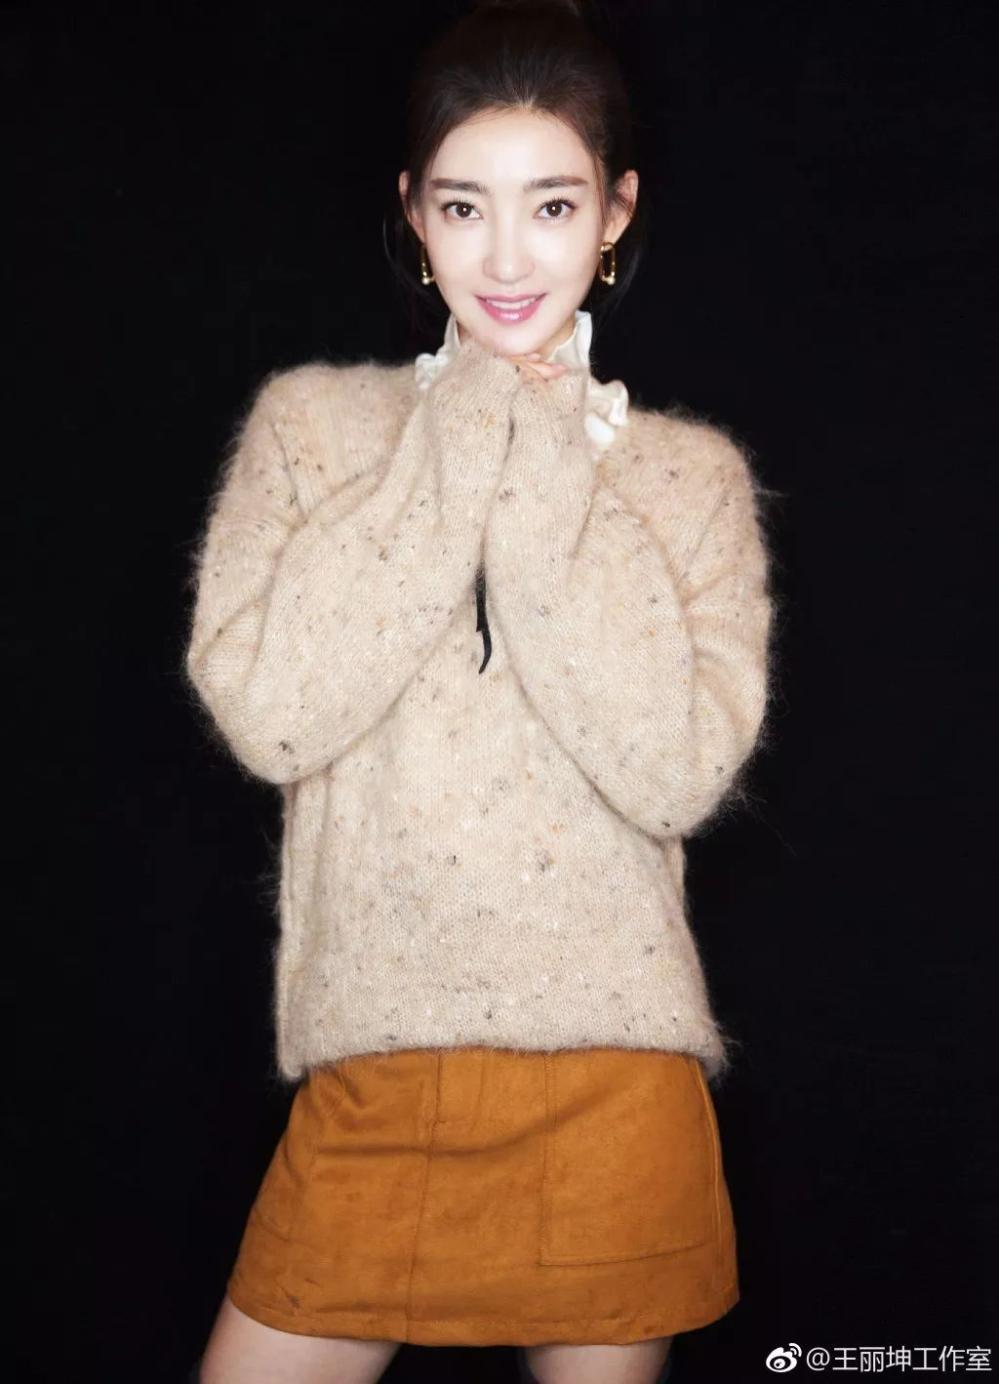 女明星教你毛衣的五种玩法, 学会你就是女神了